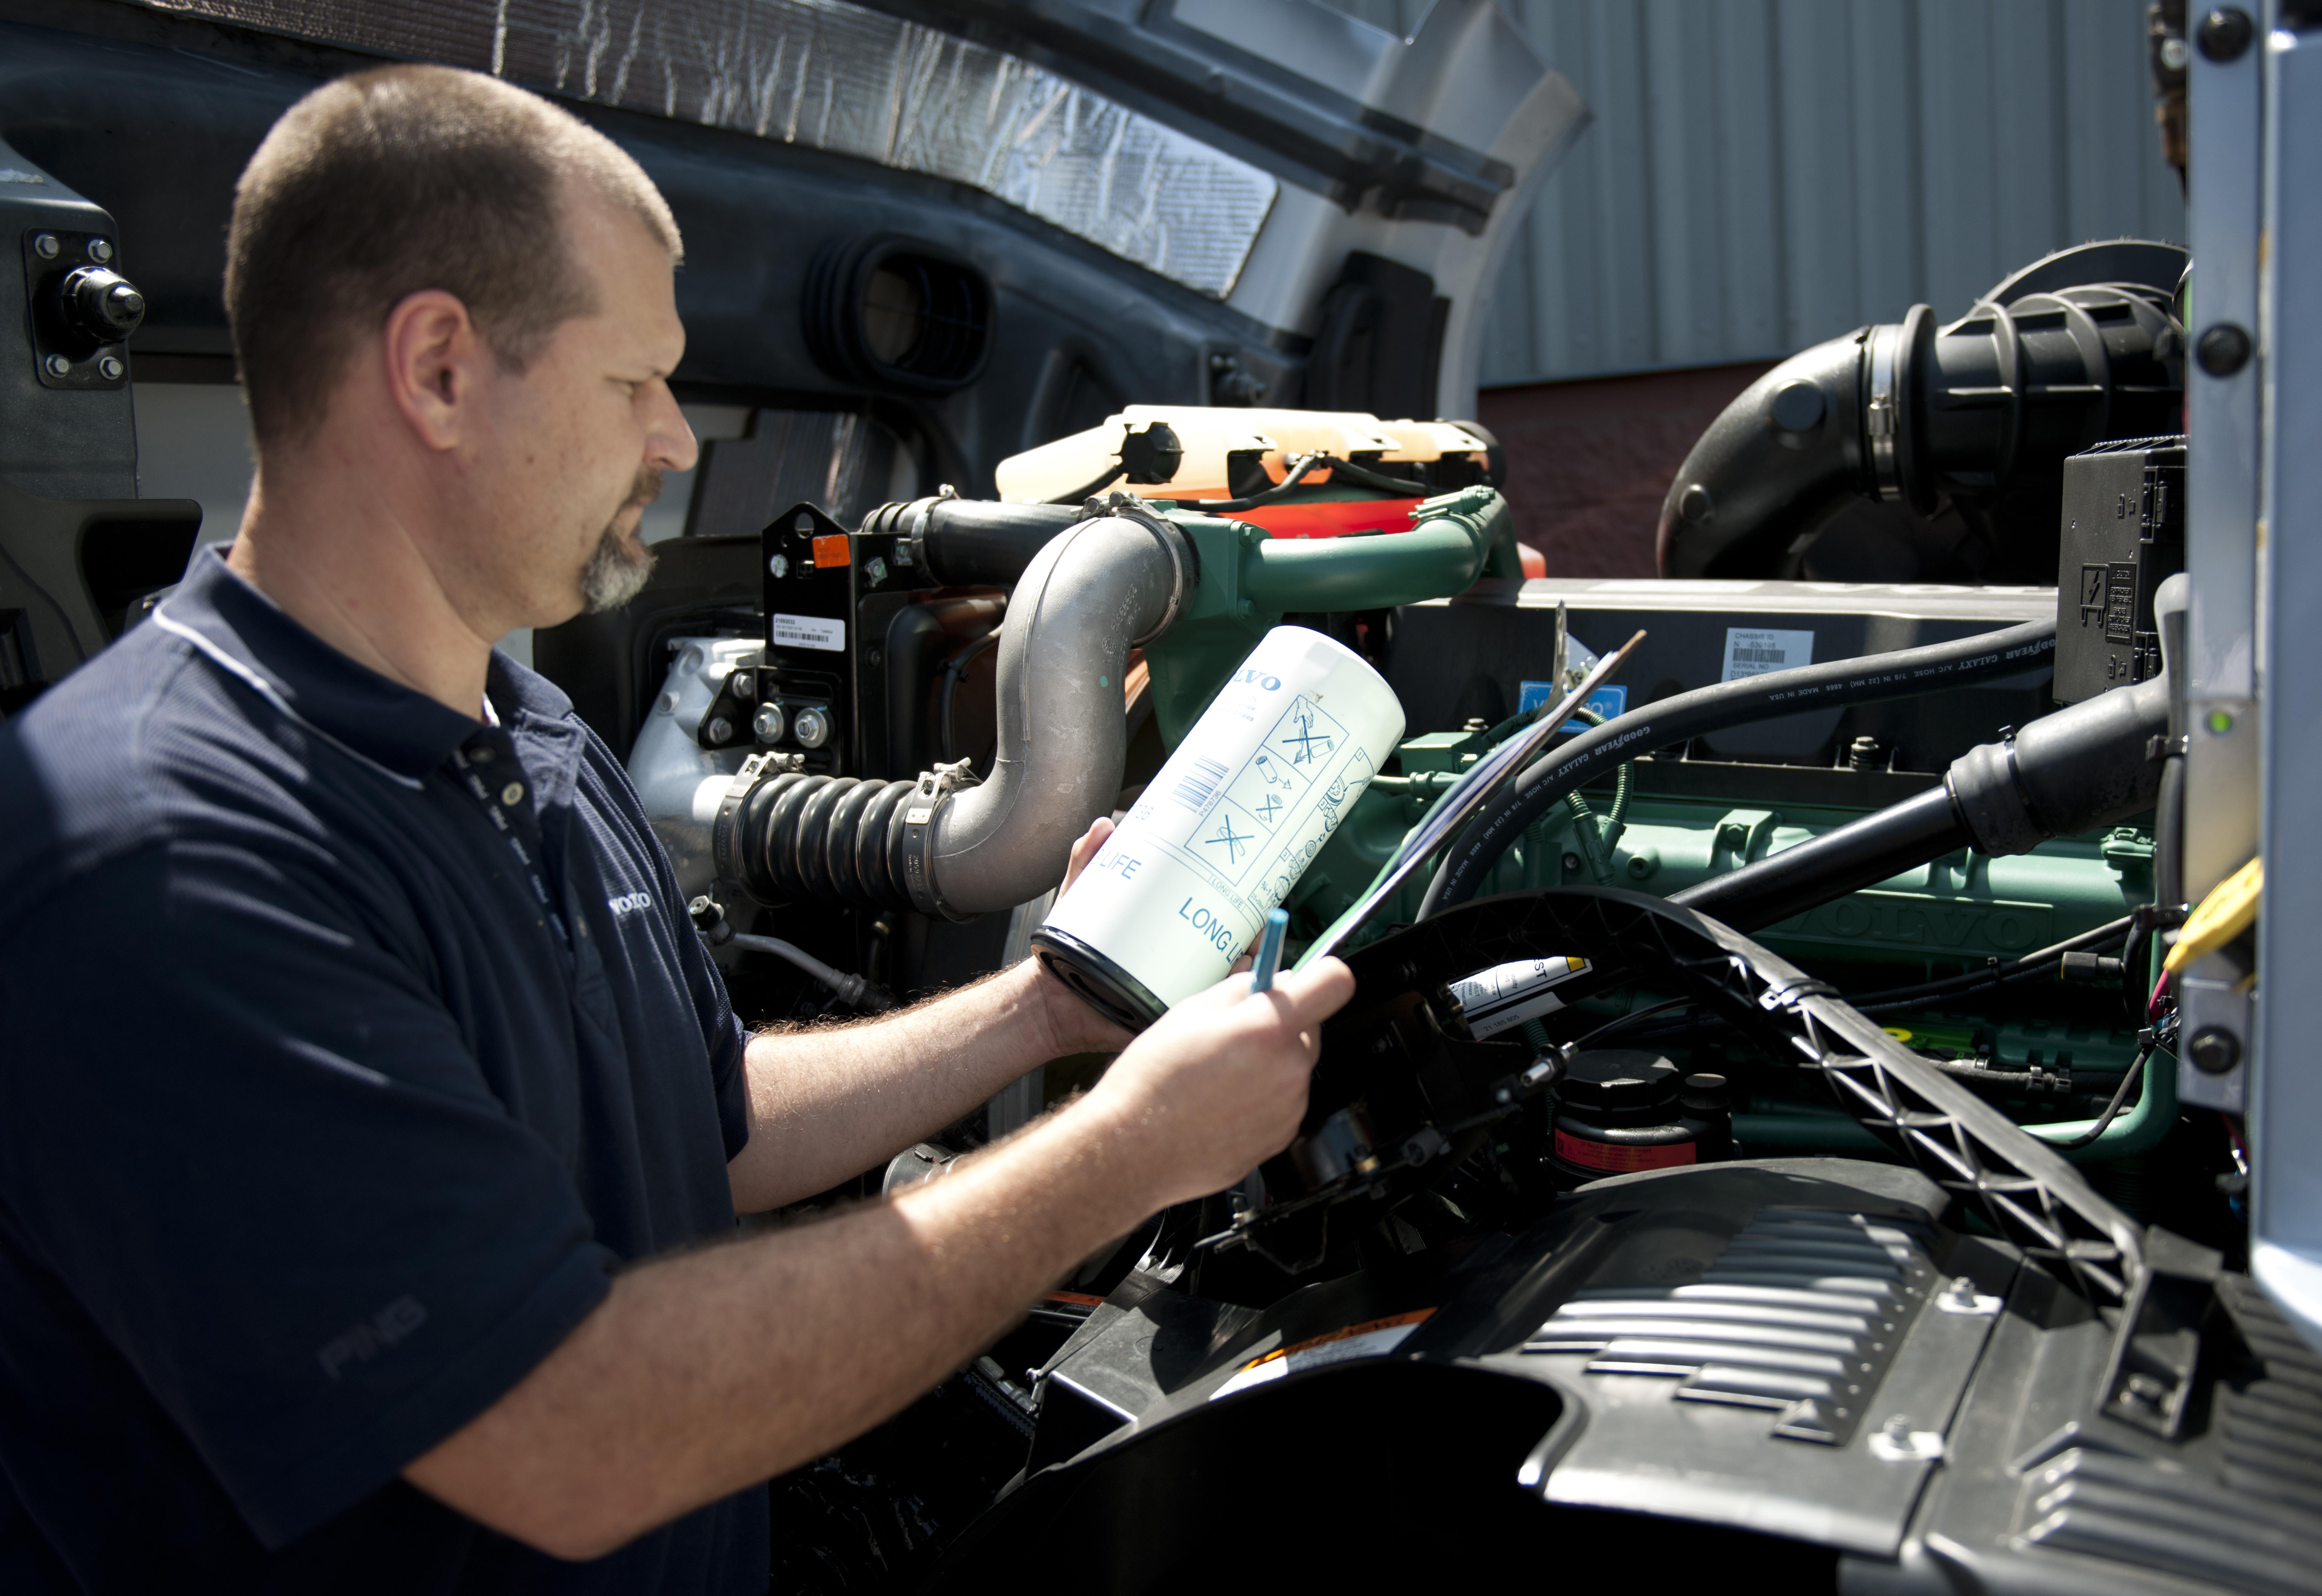 Volvo Trucks Increases Maintenance Intervals for Engine Oil, DPFs